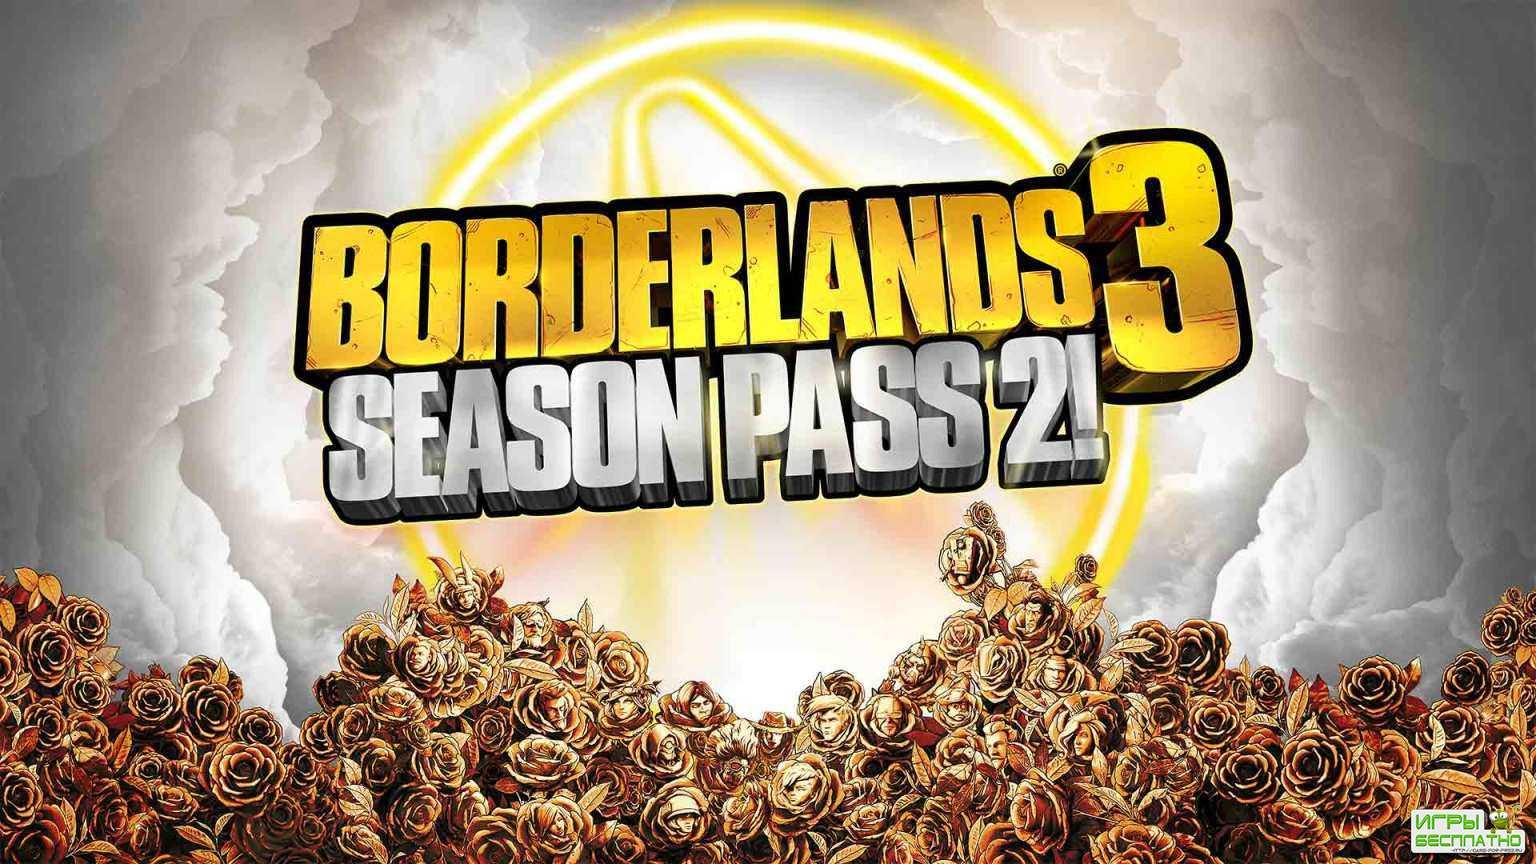 Вышел трейлер второго сезонного пропуска Borderlands 3